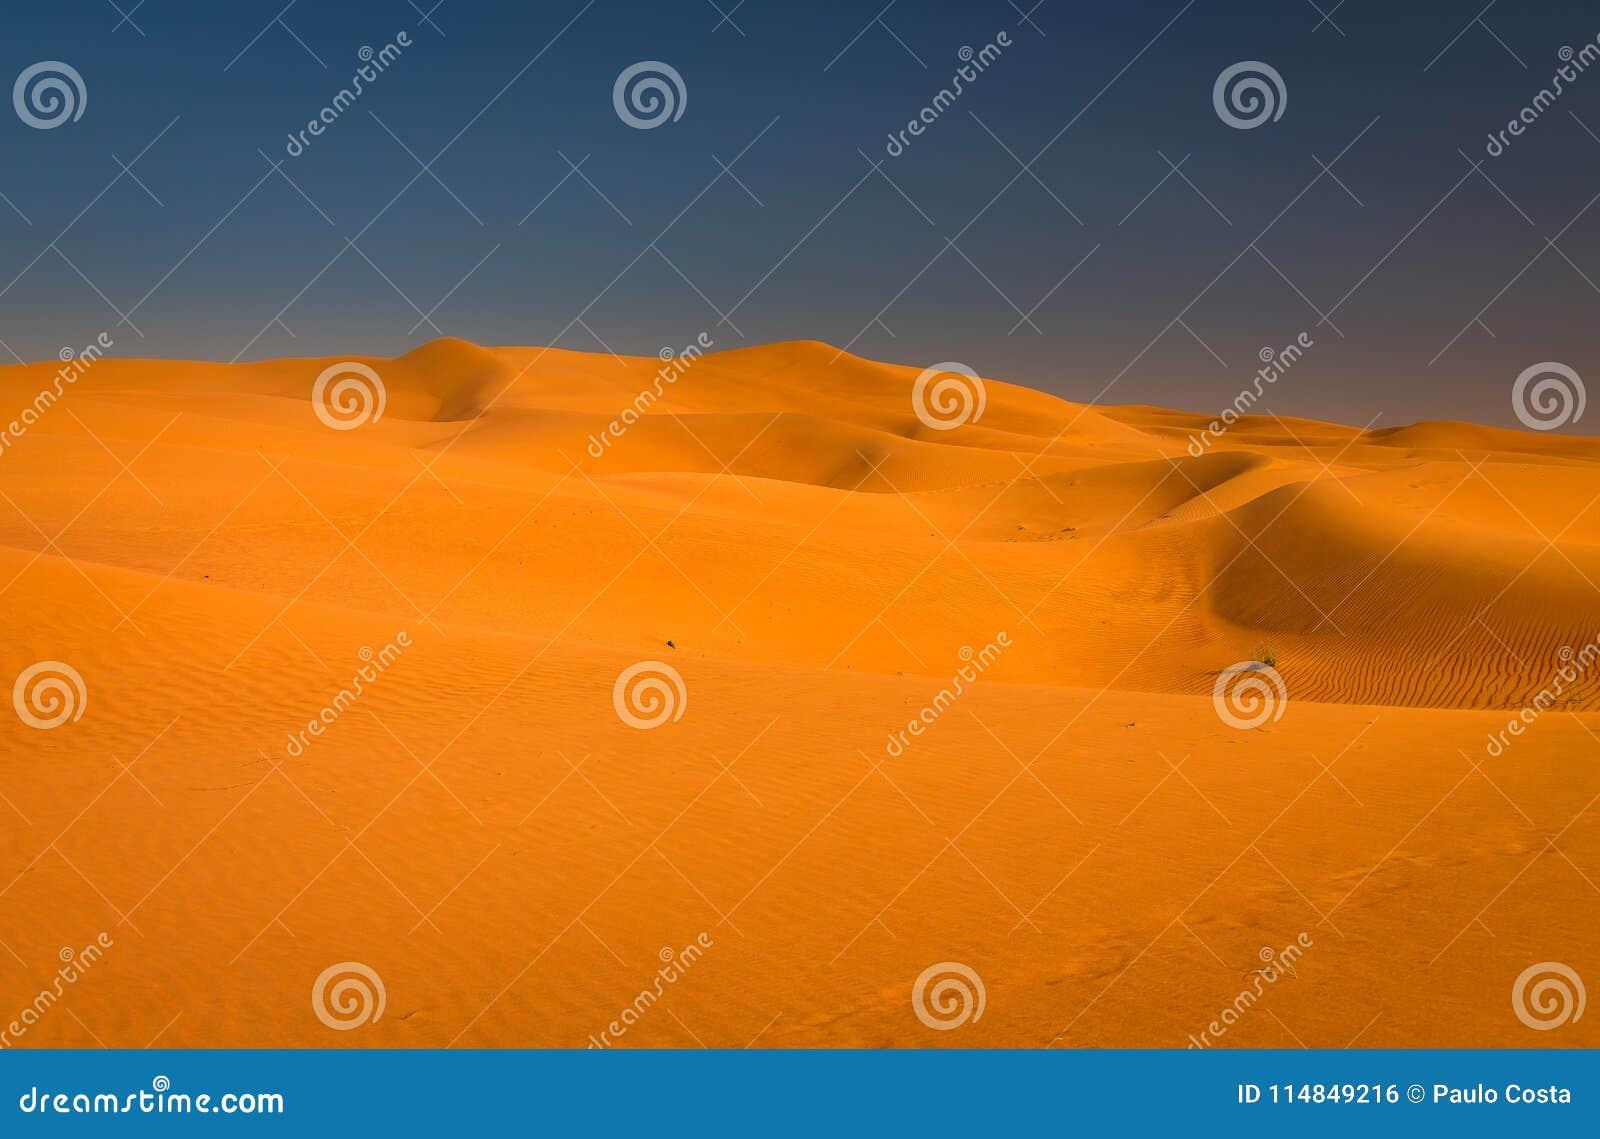 Wüstensonnenuntergangbelichtung nahe Dubai, Vereinigte Arabische Emirate